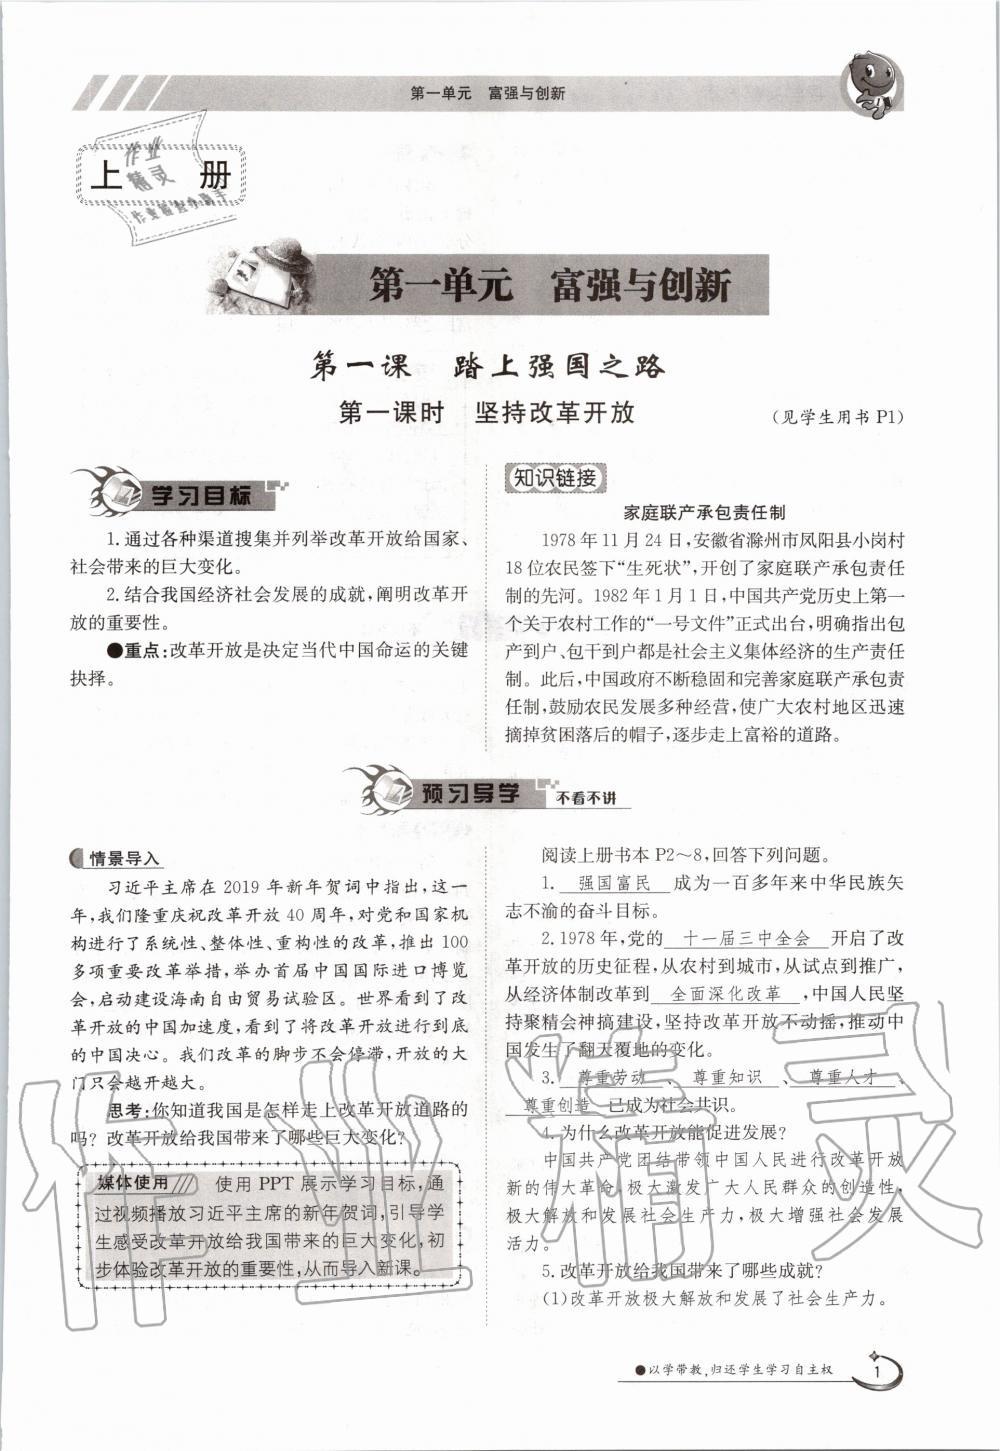 2020年三段六步导学案九年级道德与法治全一册人教版参考答案第1页